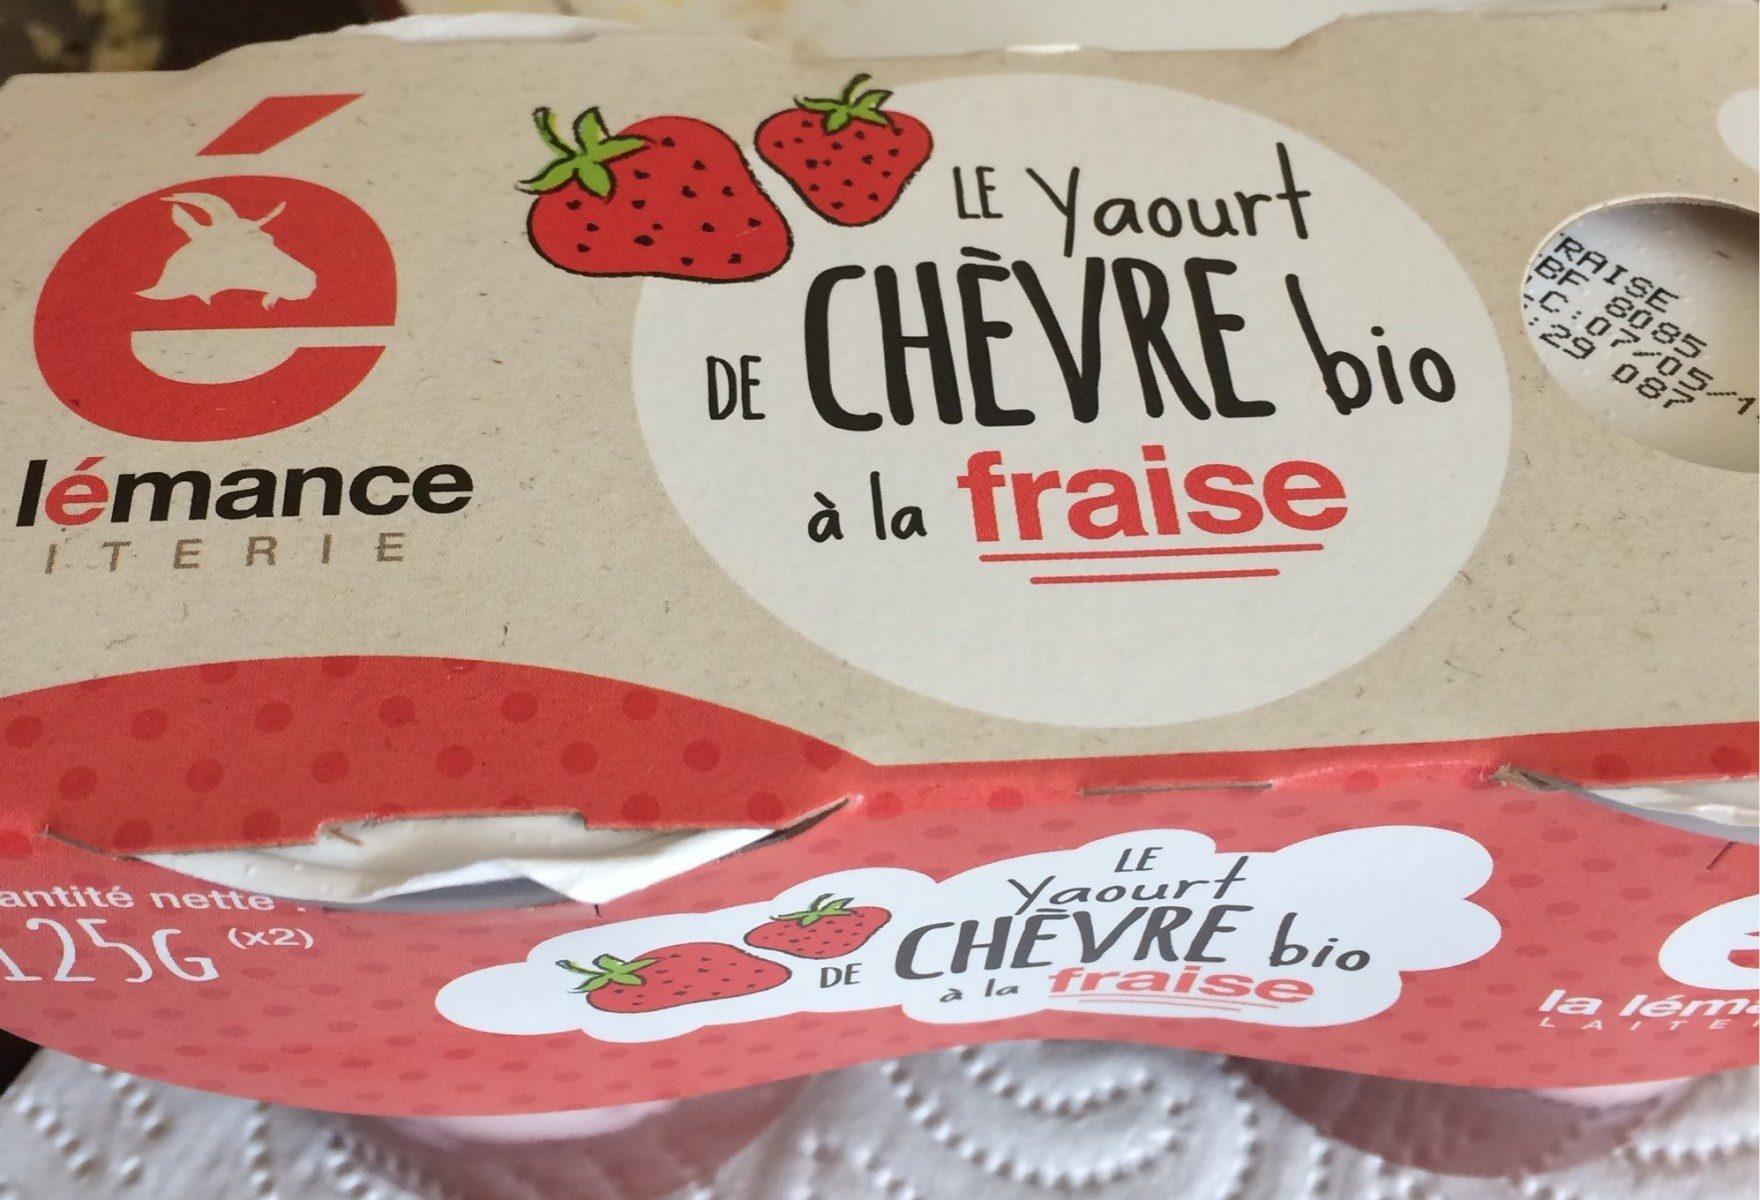 Yaourt de chevre bio a la fraise - Product - fr